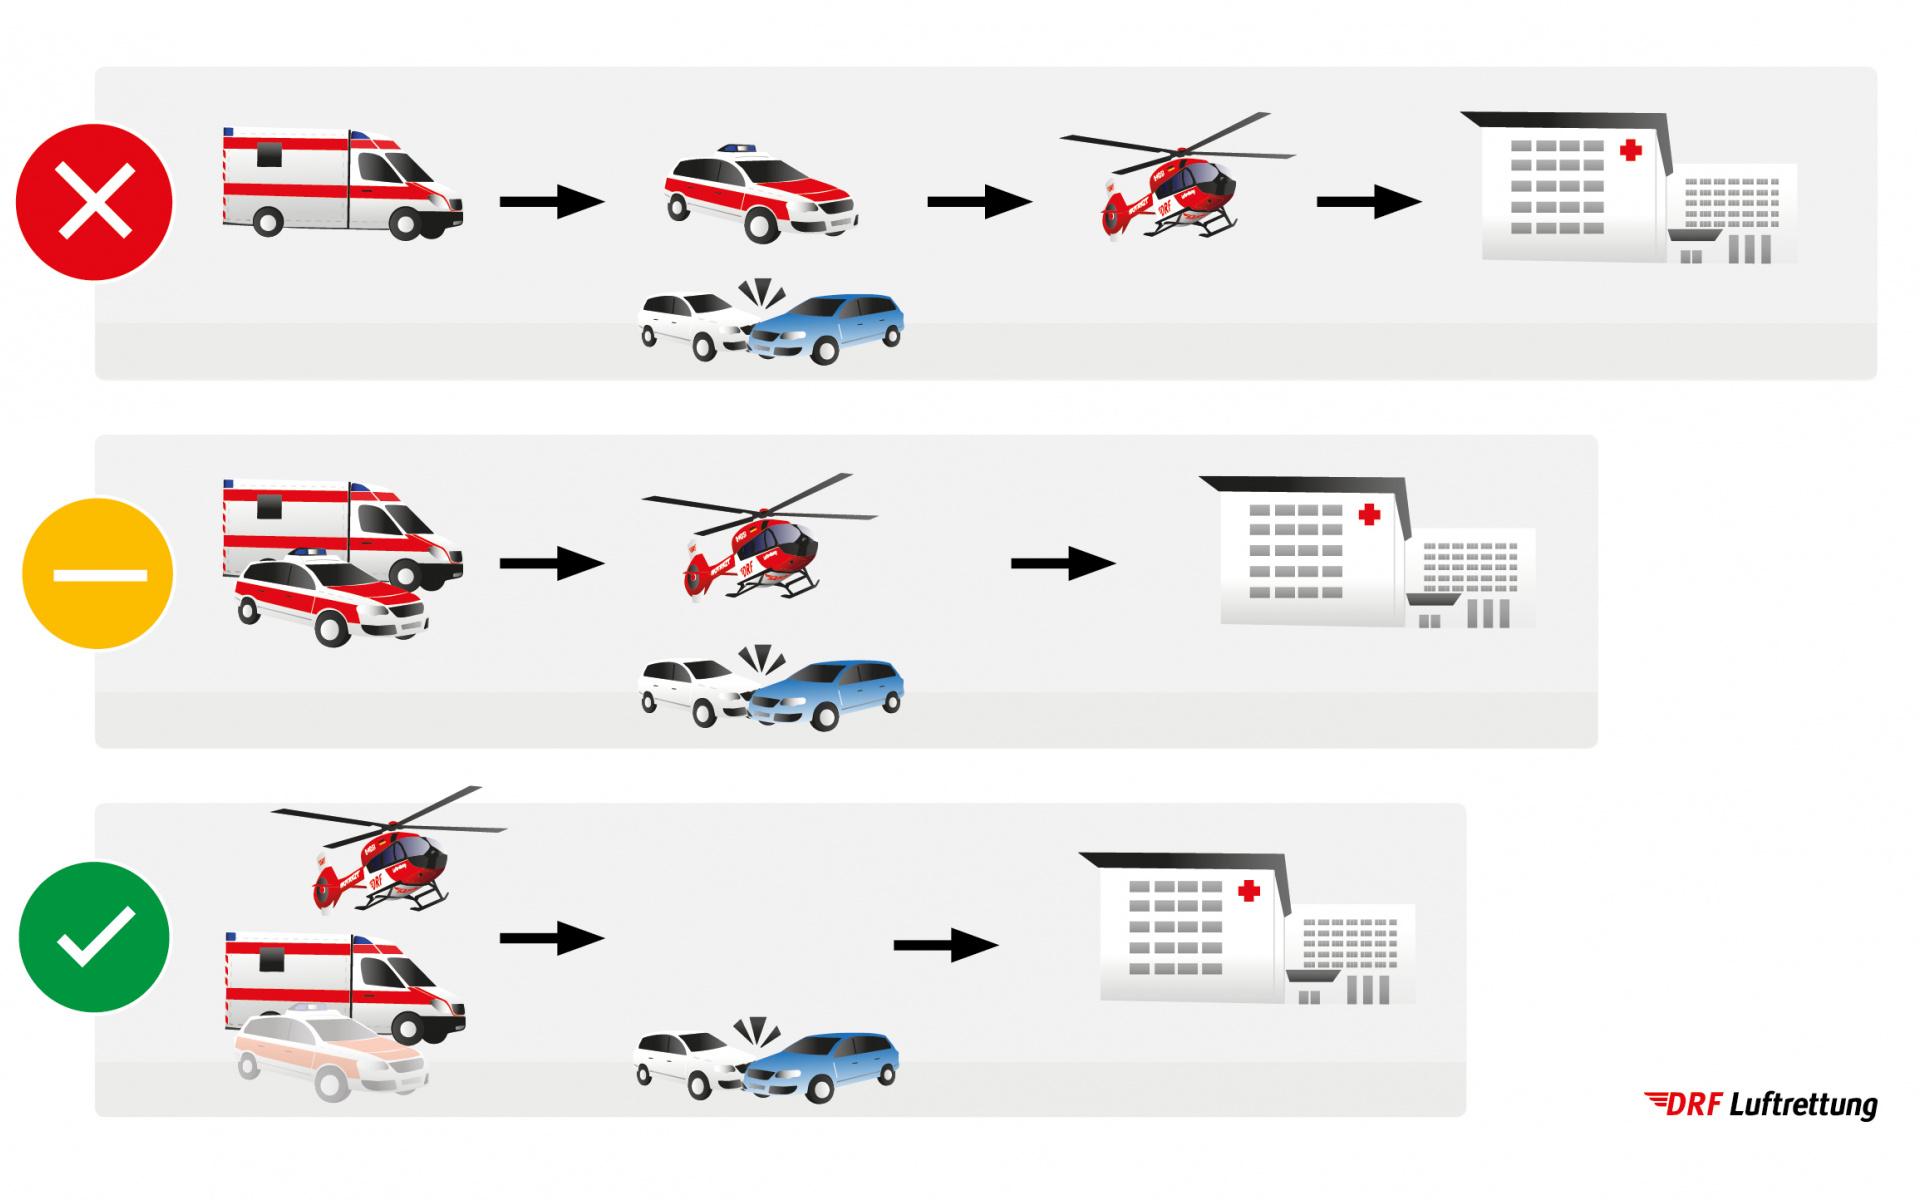 Sequenzielle vs. parallele Alarmierung der Luftrettung. Für eine rasche zielgerichtete Versorung und Zuweisung des Patienten ist es erforlderich, dass die Entscheidung zum Einsatz der Luftrettung parallel zur Alarmierung der geeigneten bodengebundenen Kräfte erfolgt.